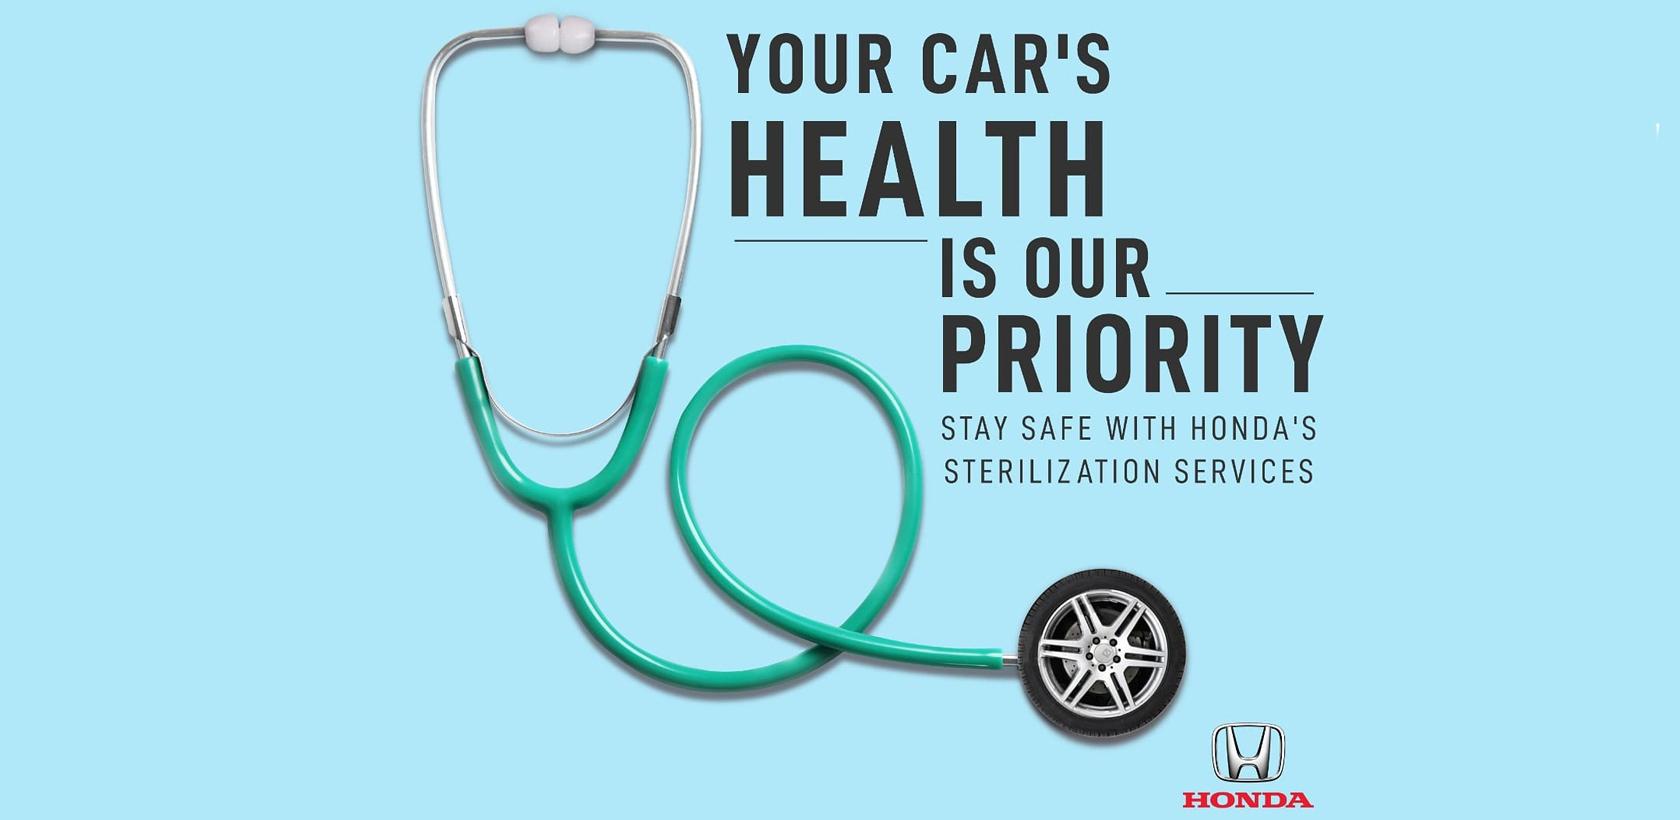 Stérilisation Honda, un service pour votre sécurité et la santé de tous